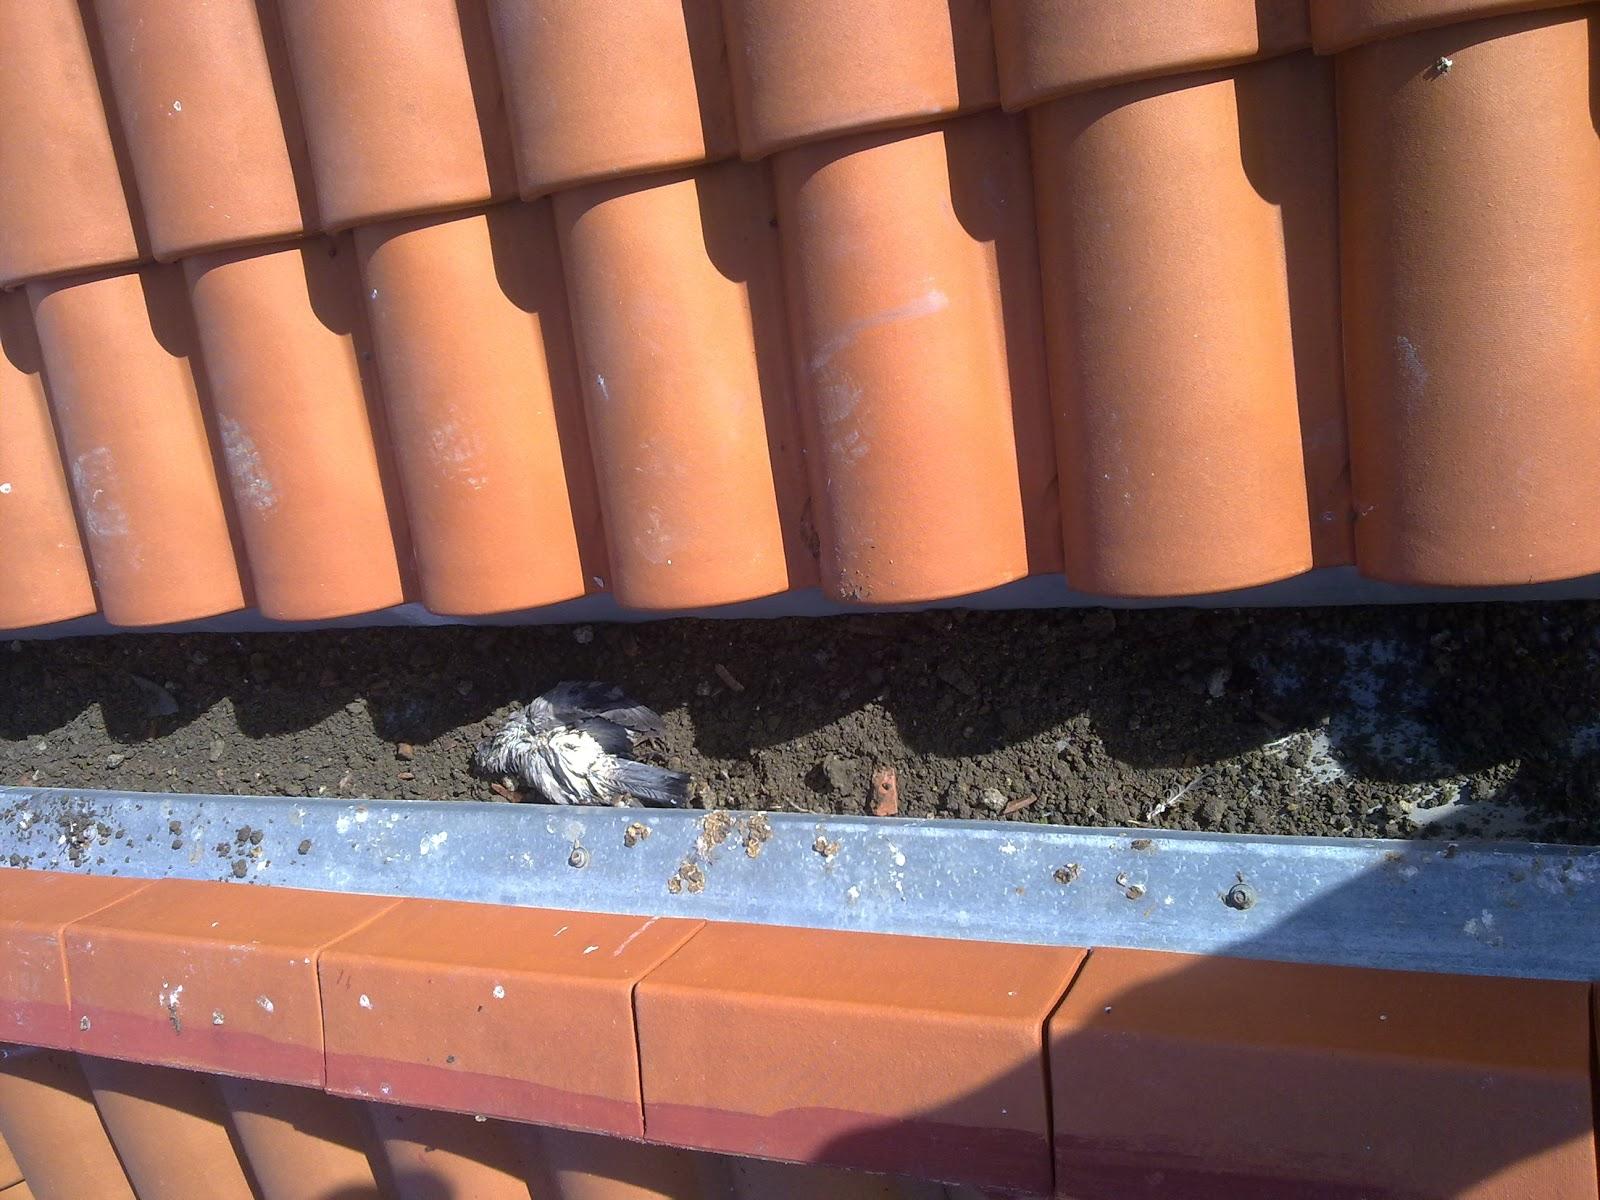 Los canalones reparar y limpiar canalones madrid - Fotos de canalones ...